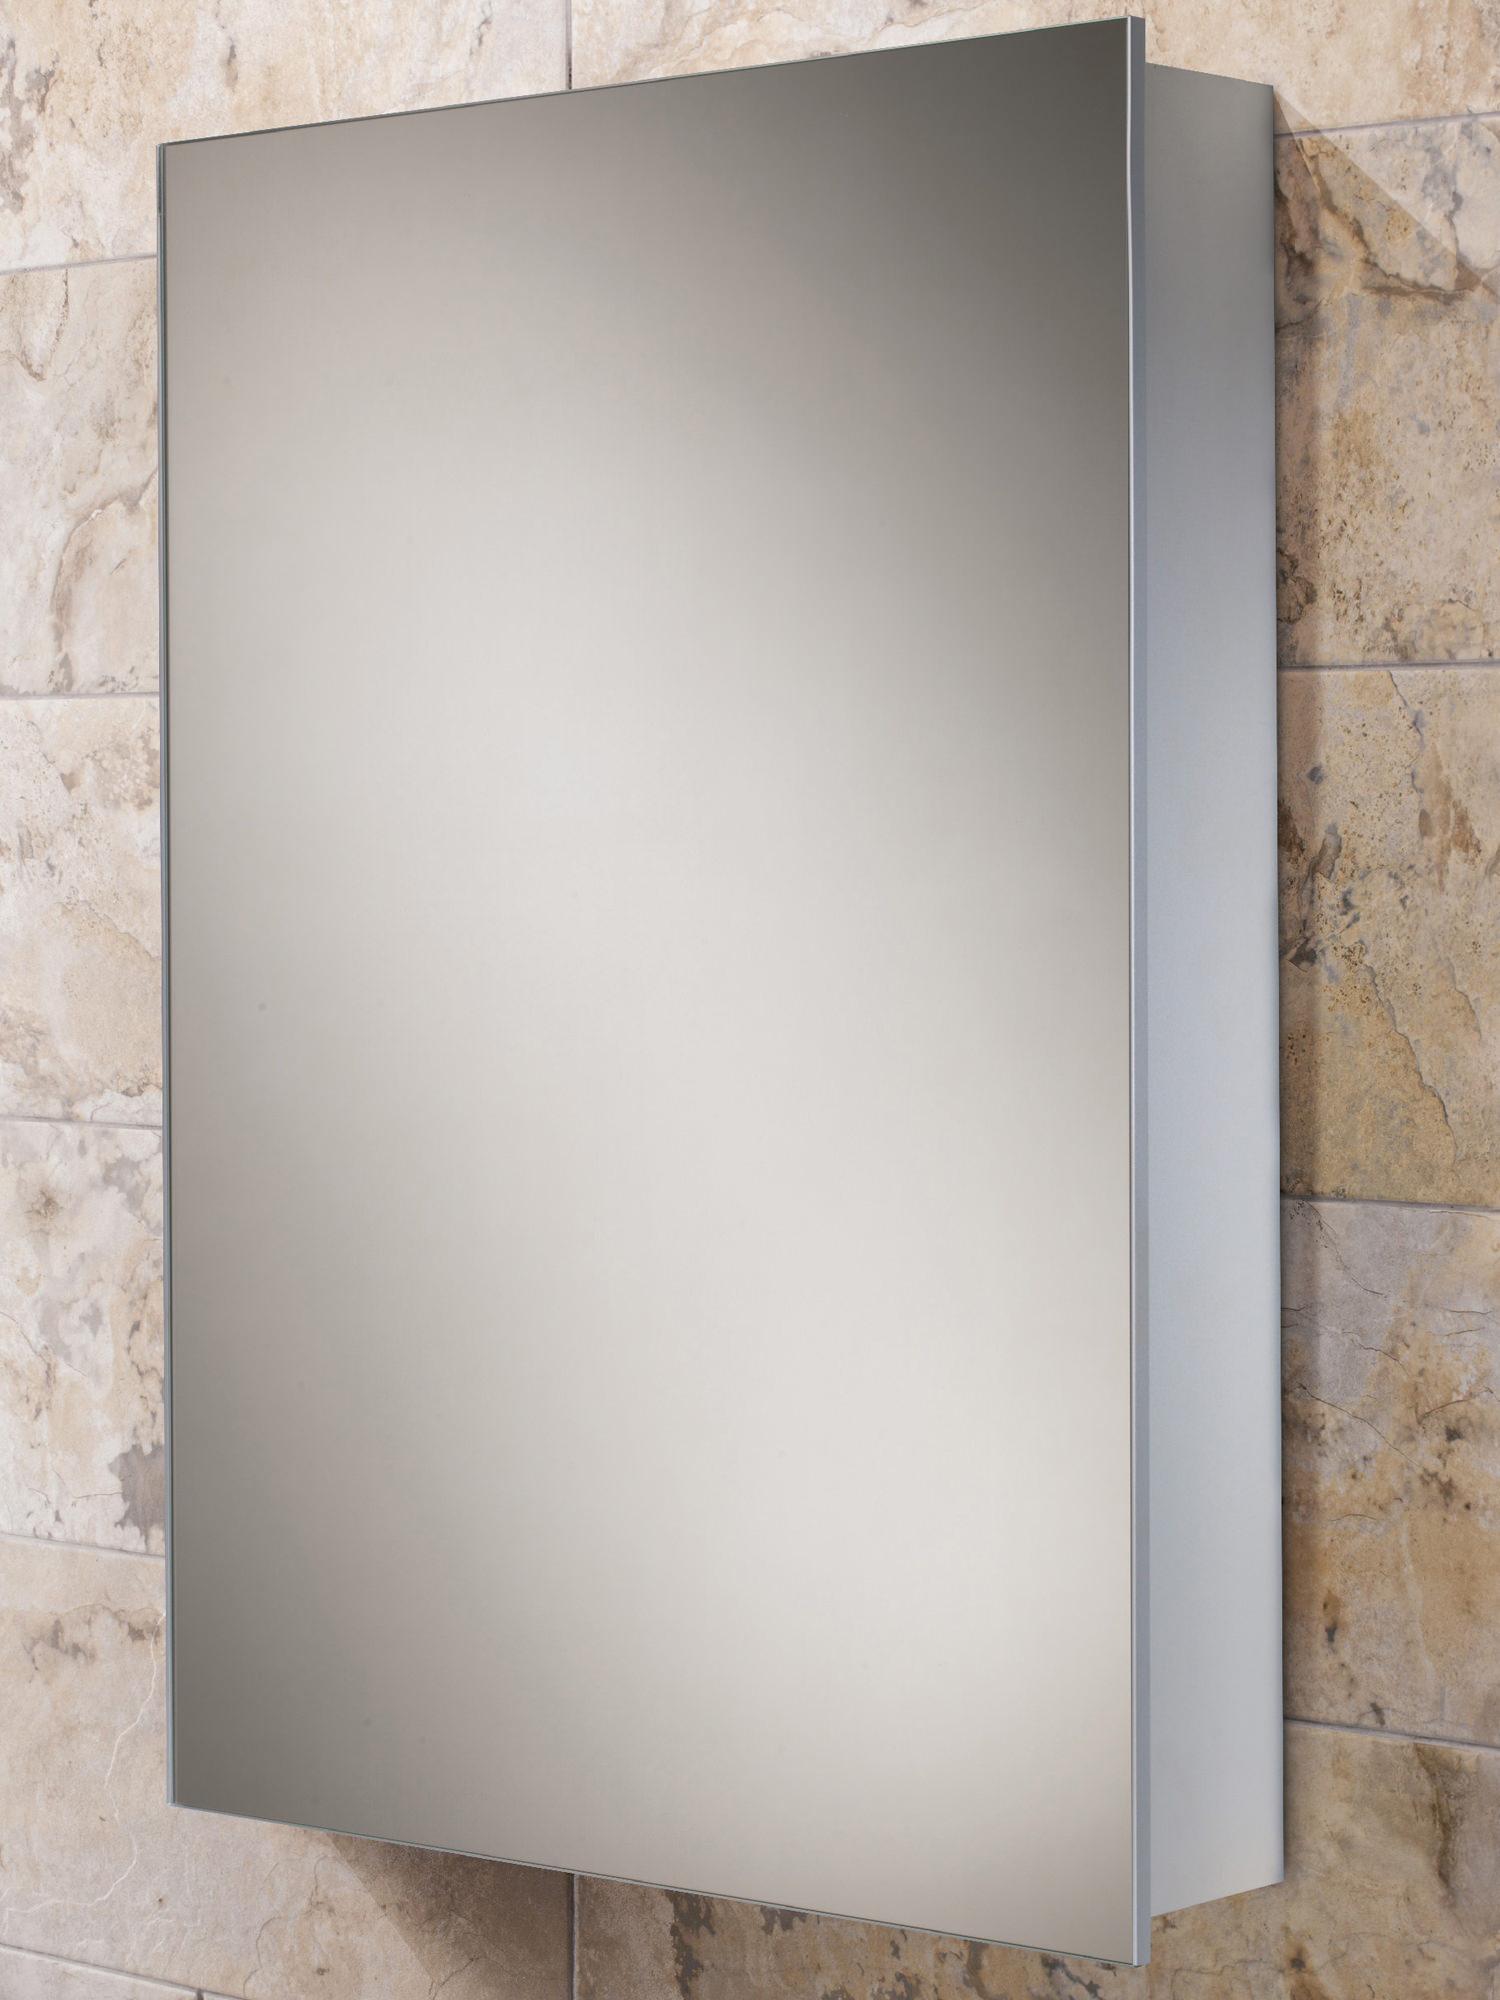 Hib Kore Slim Line Aluminium Mirror Cabinet X. Bathroom Cabinets 600mm   Interior Design